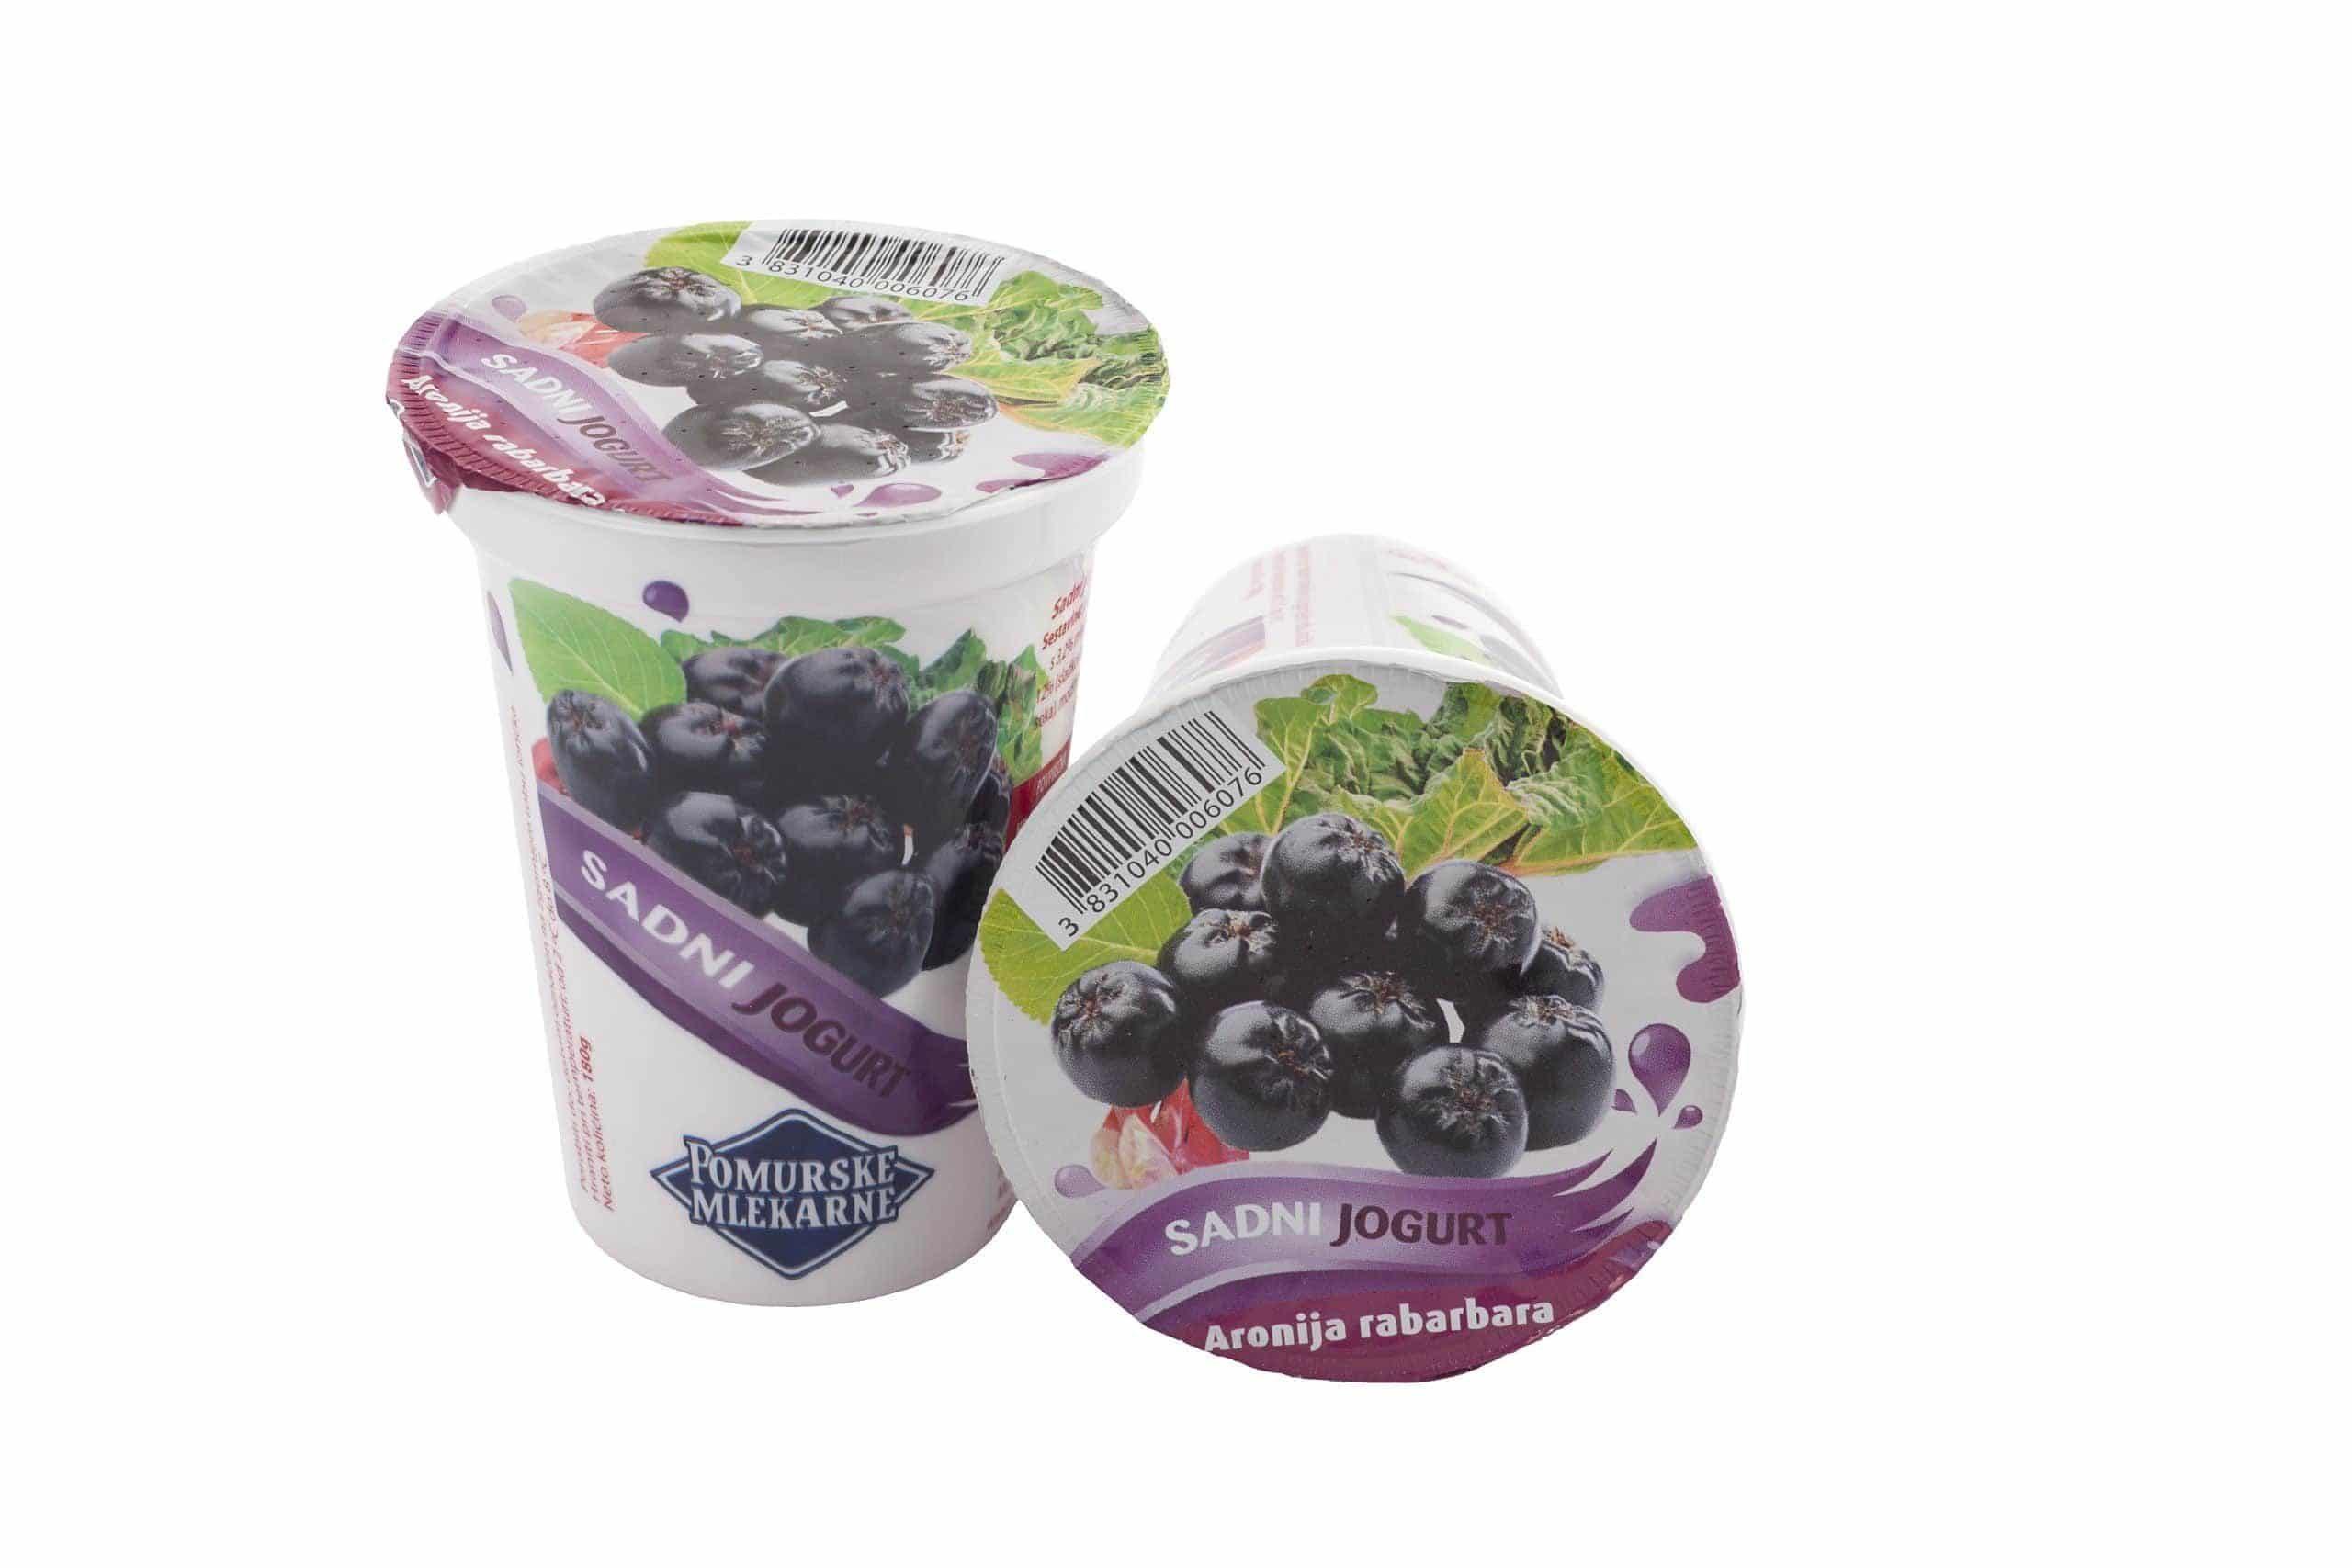 Sadno zelenjavni jogurt aronija rabarbara